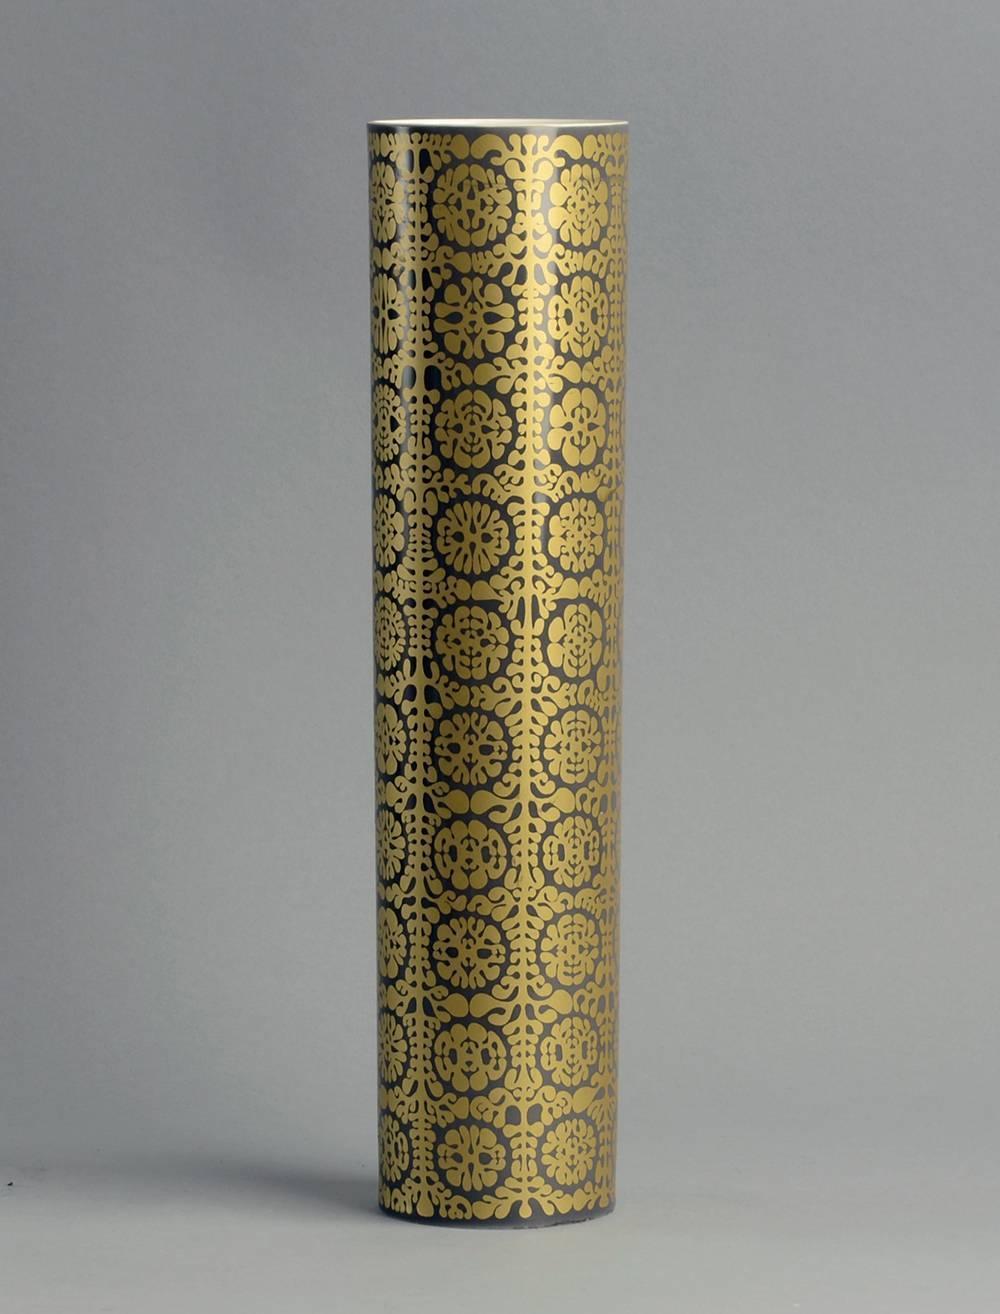 vase by rosenthal germany at 1stdibs. Black Bedroom Furniture Sets. Home Design Ideas